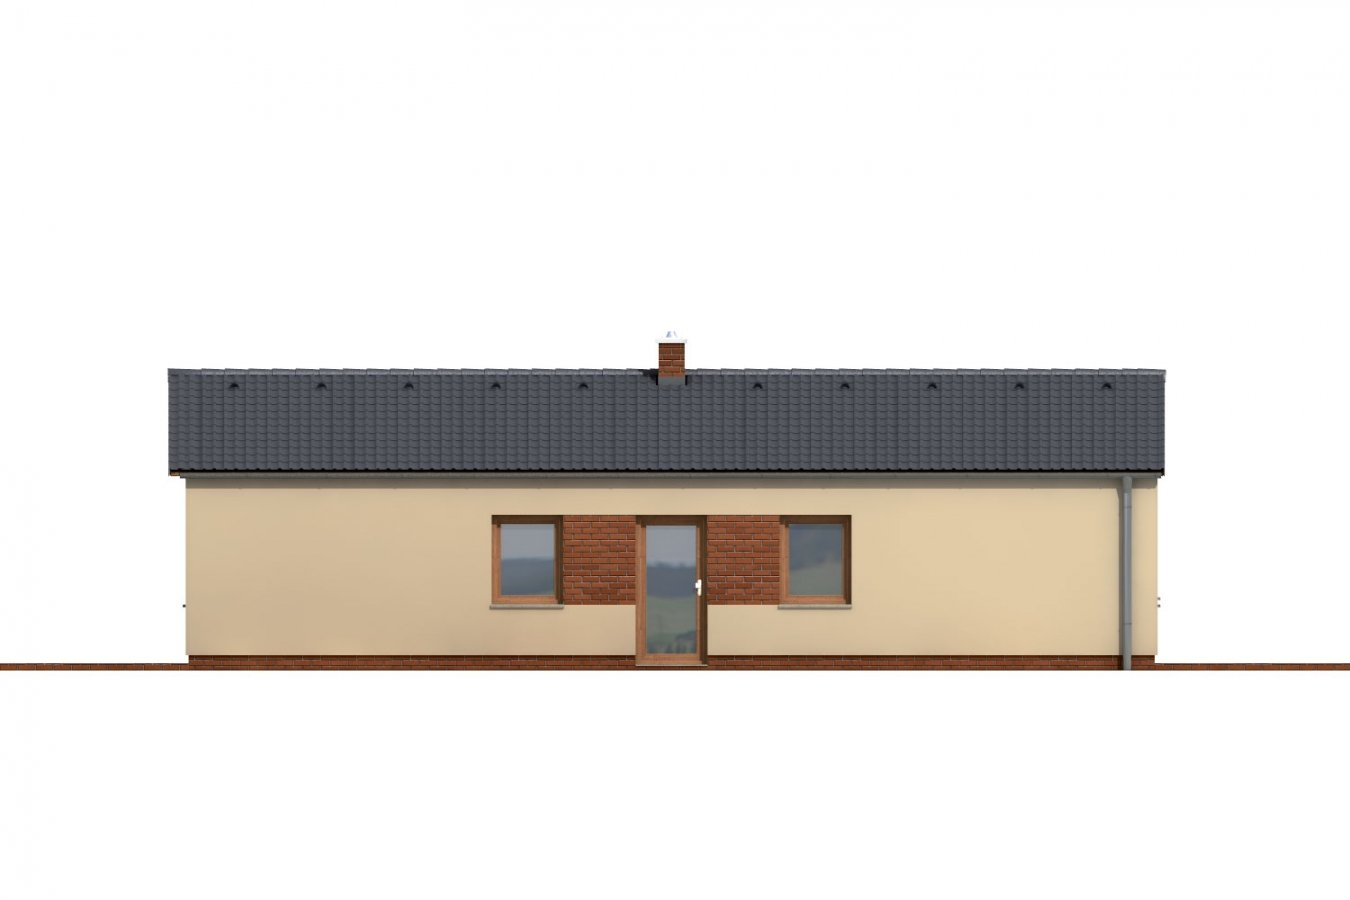 Pohľad 1. - Jednoduchý úzky 4-izbový rodinný dom.